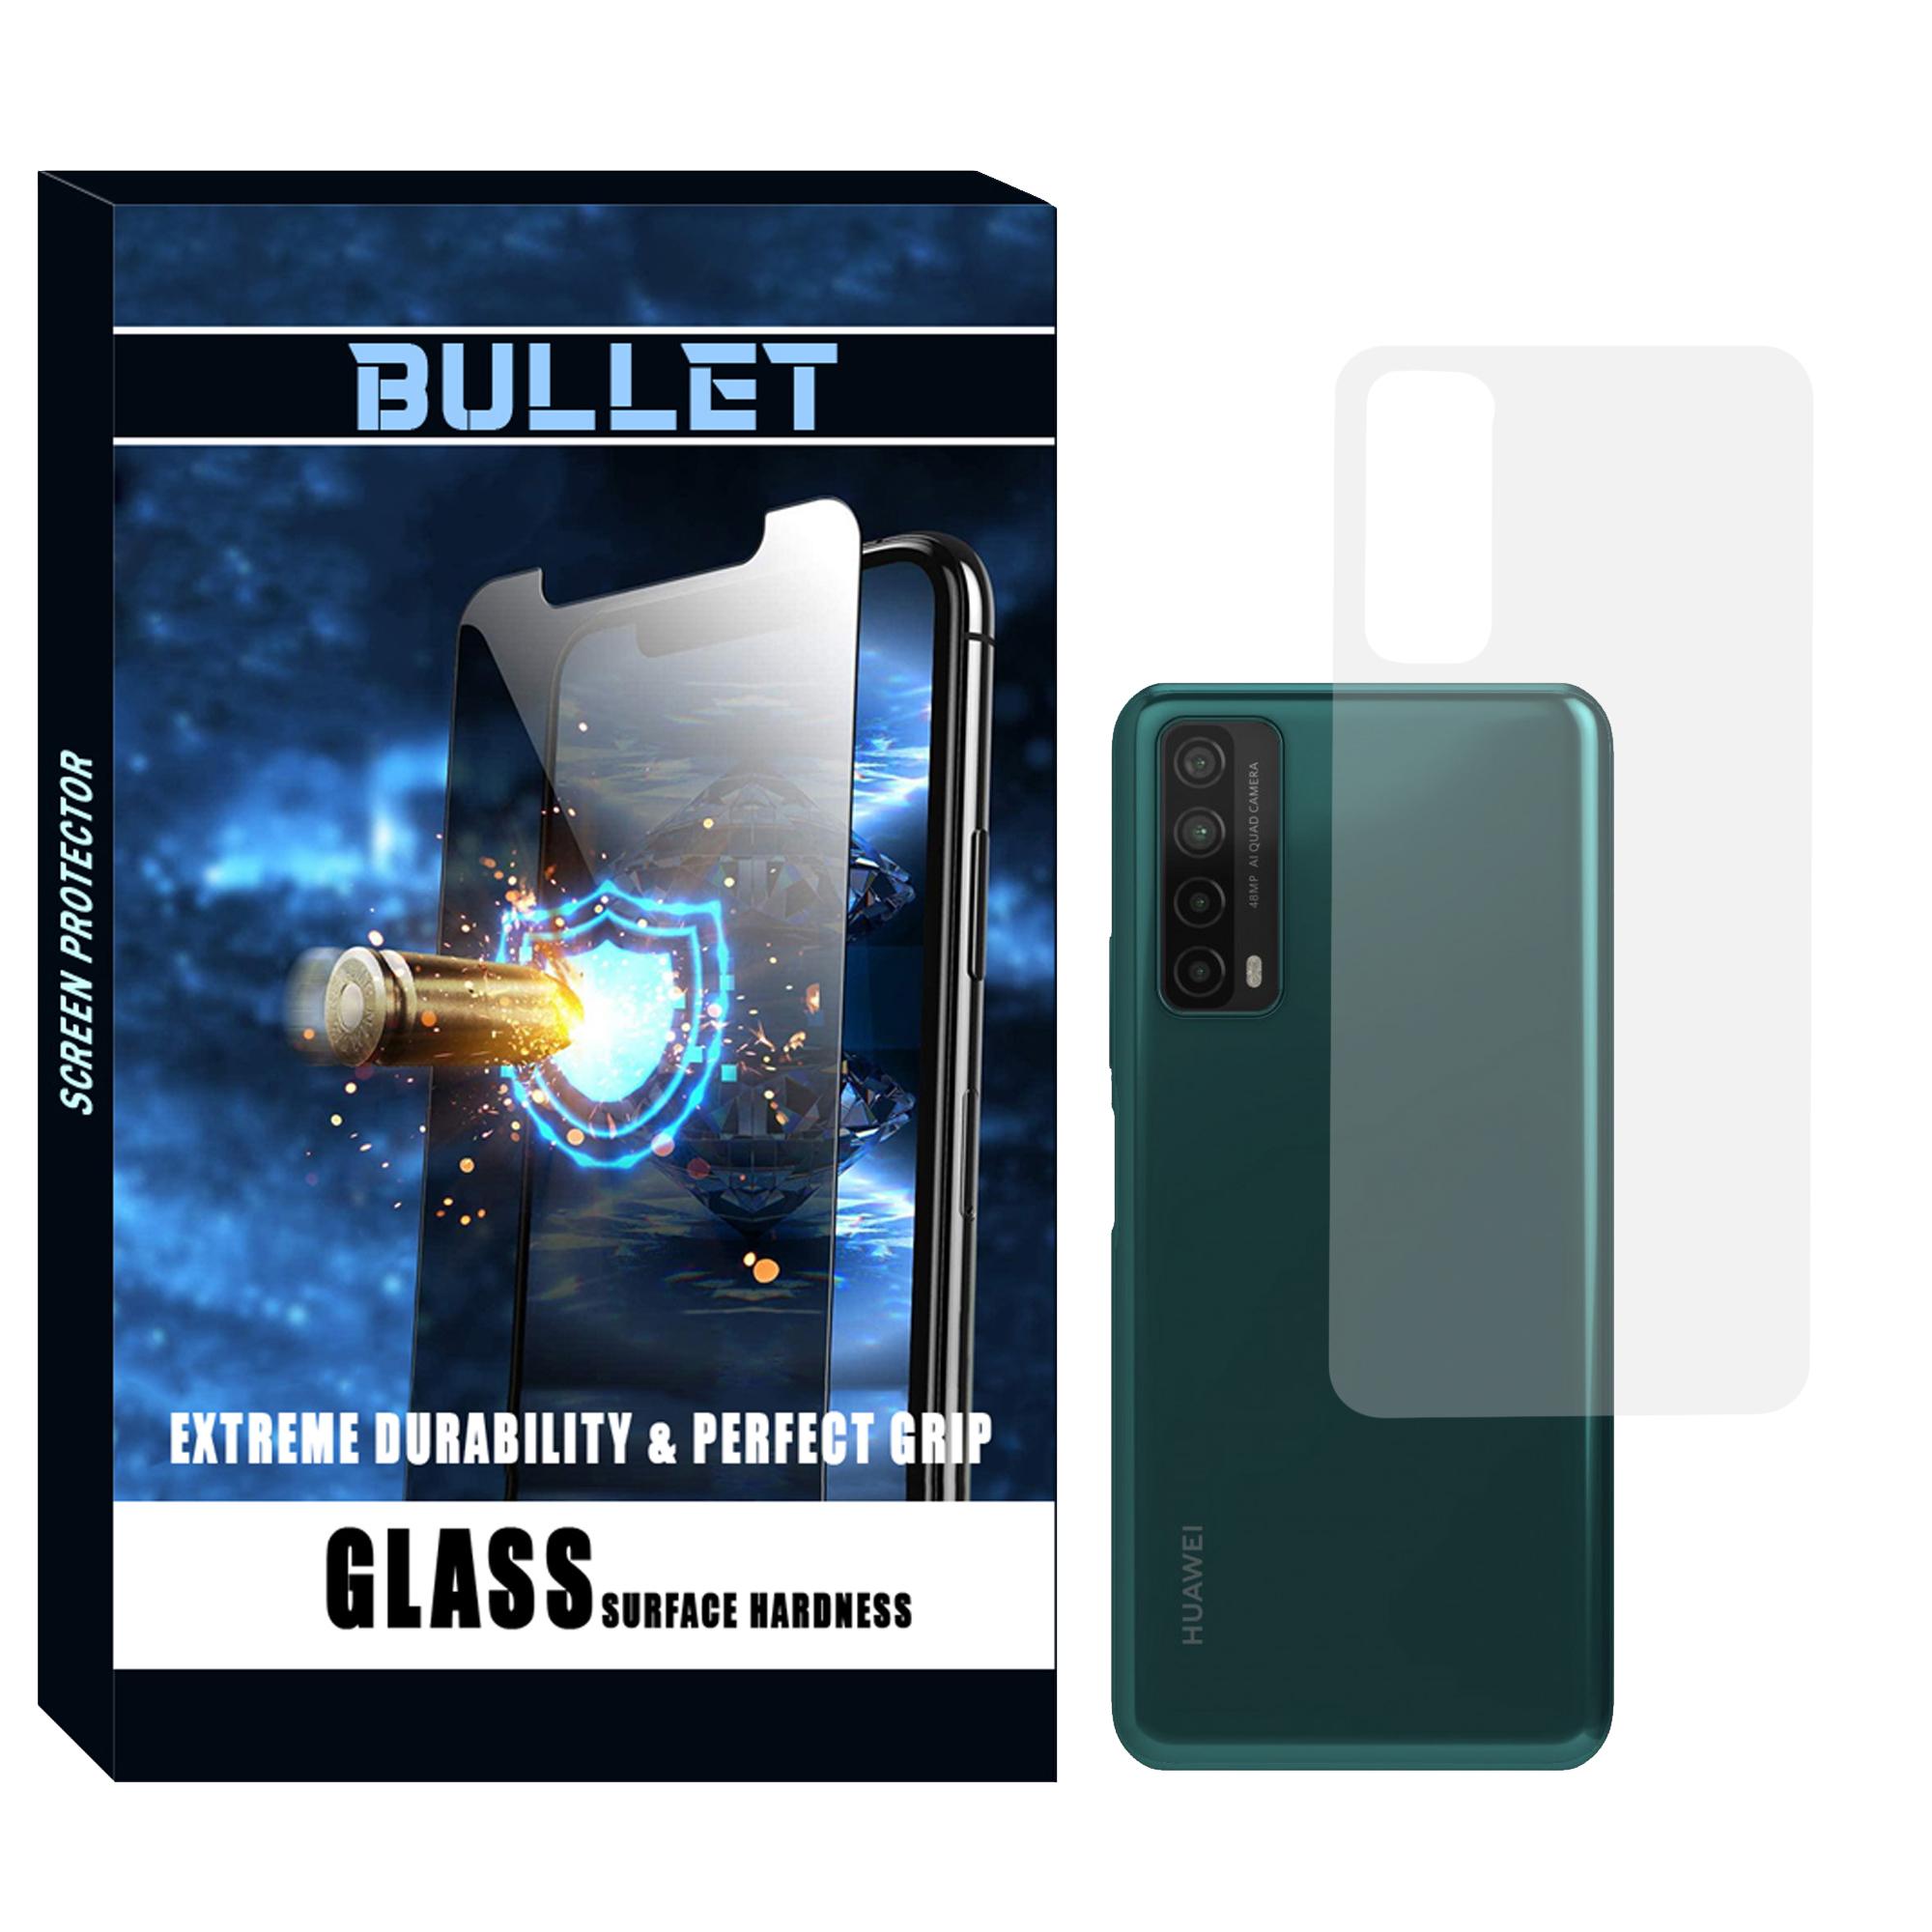 محافظ پشت گوشی بولت مدل BTI-01 مناسب برای گوشی موبایل هوآوی Y7A